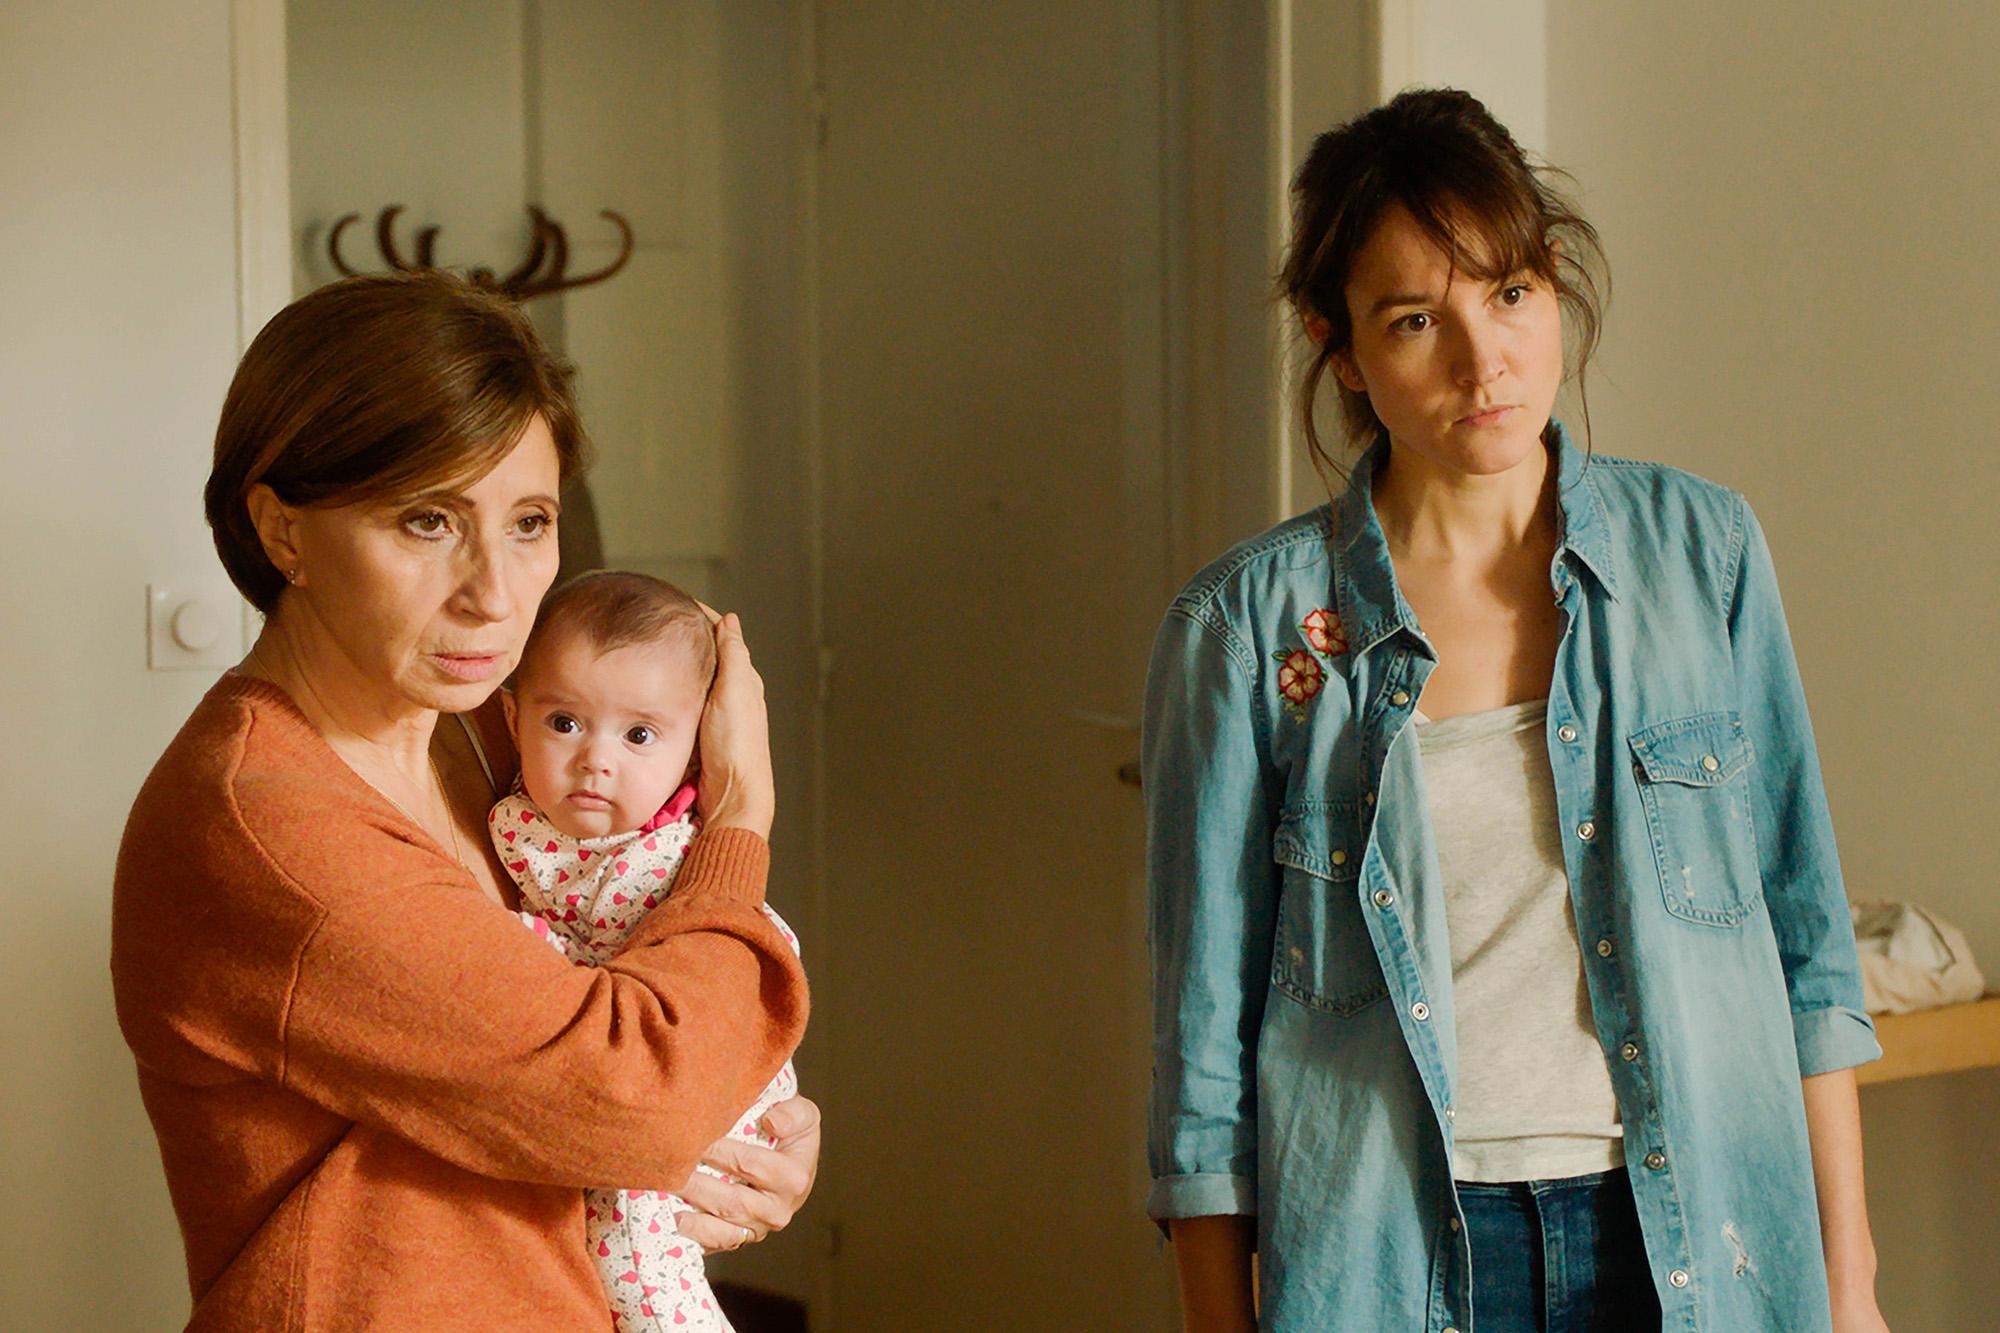 艾絲柯莉德(左)在《當愛再來的時候》細膩詮釋堅強的母親,一舉拿下威尼斯影后。